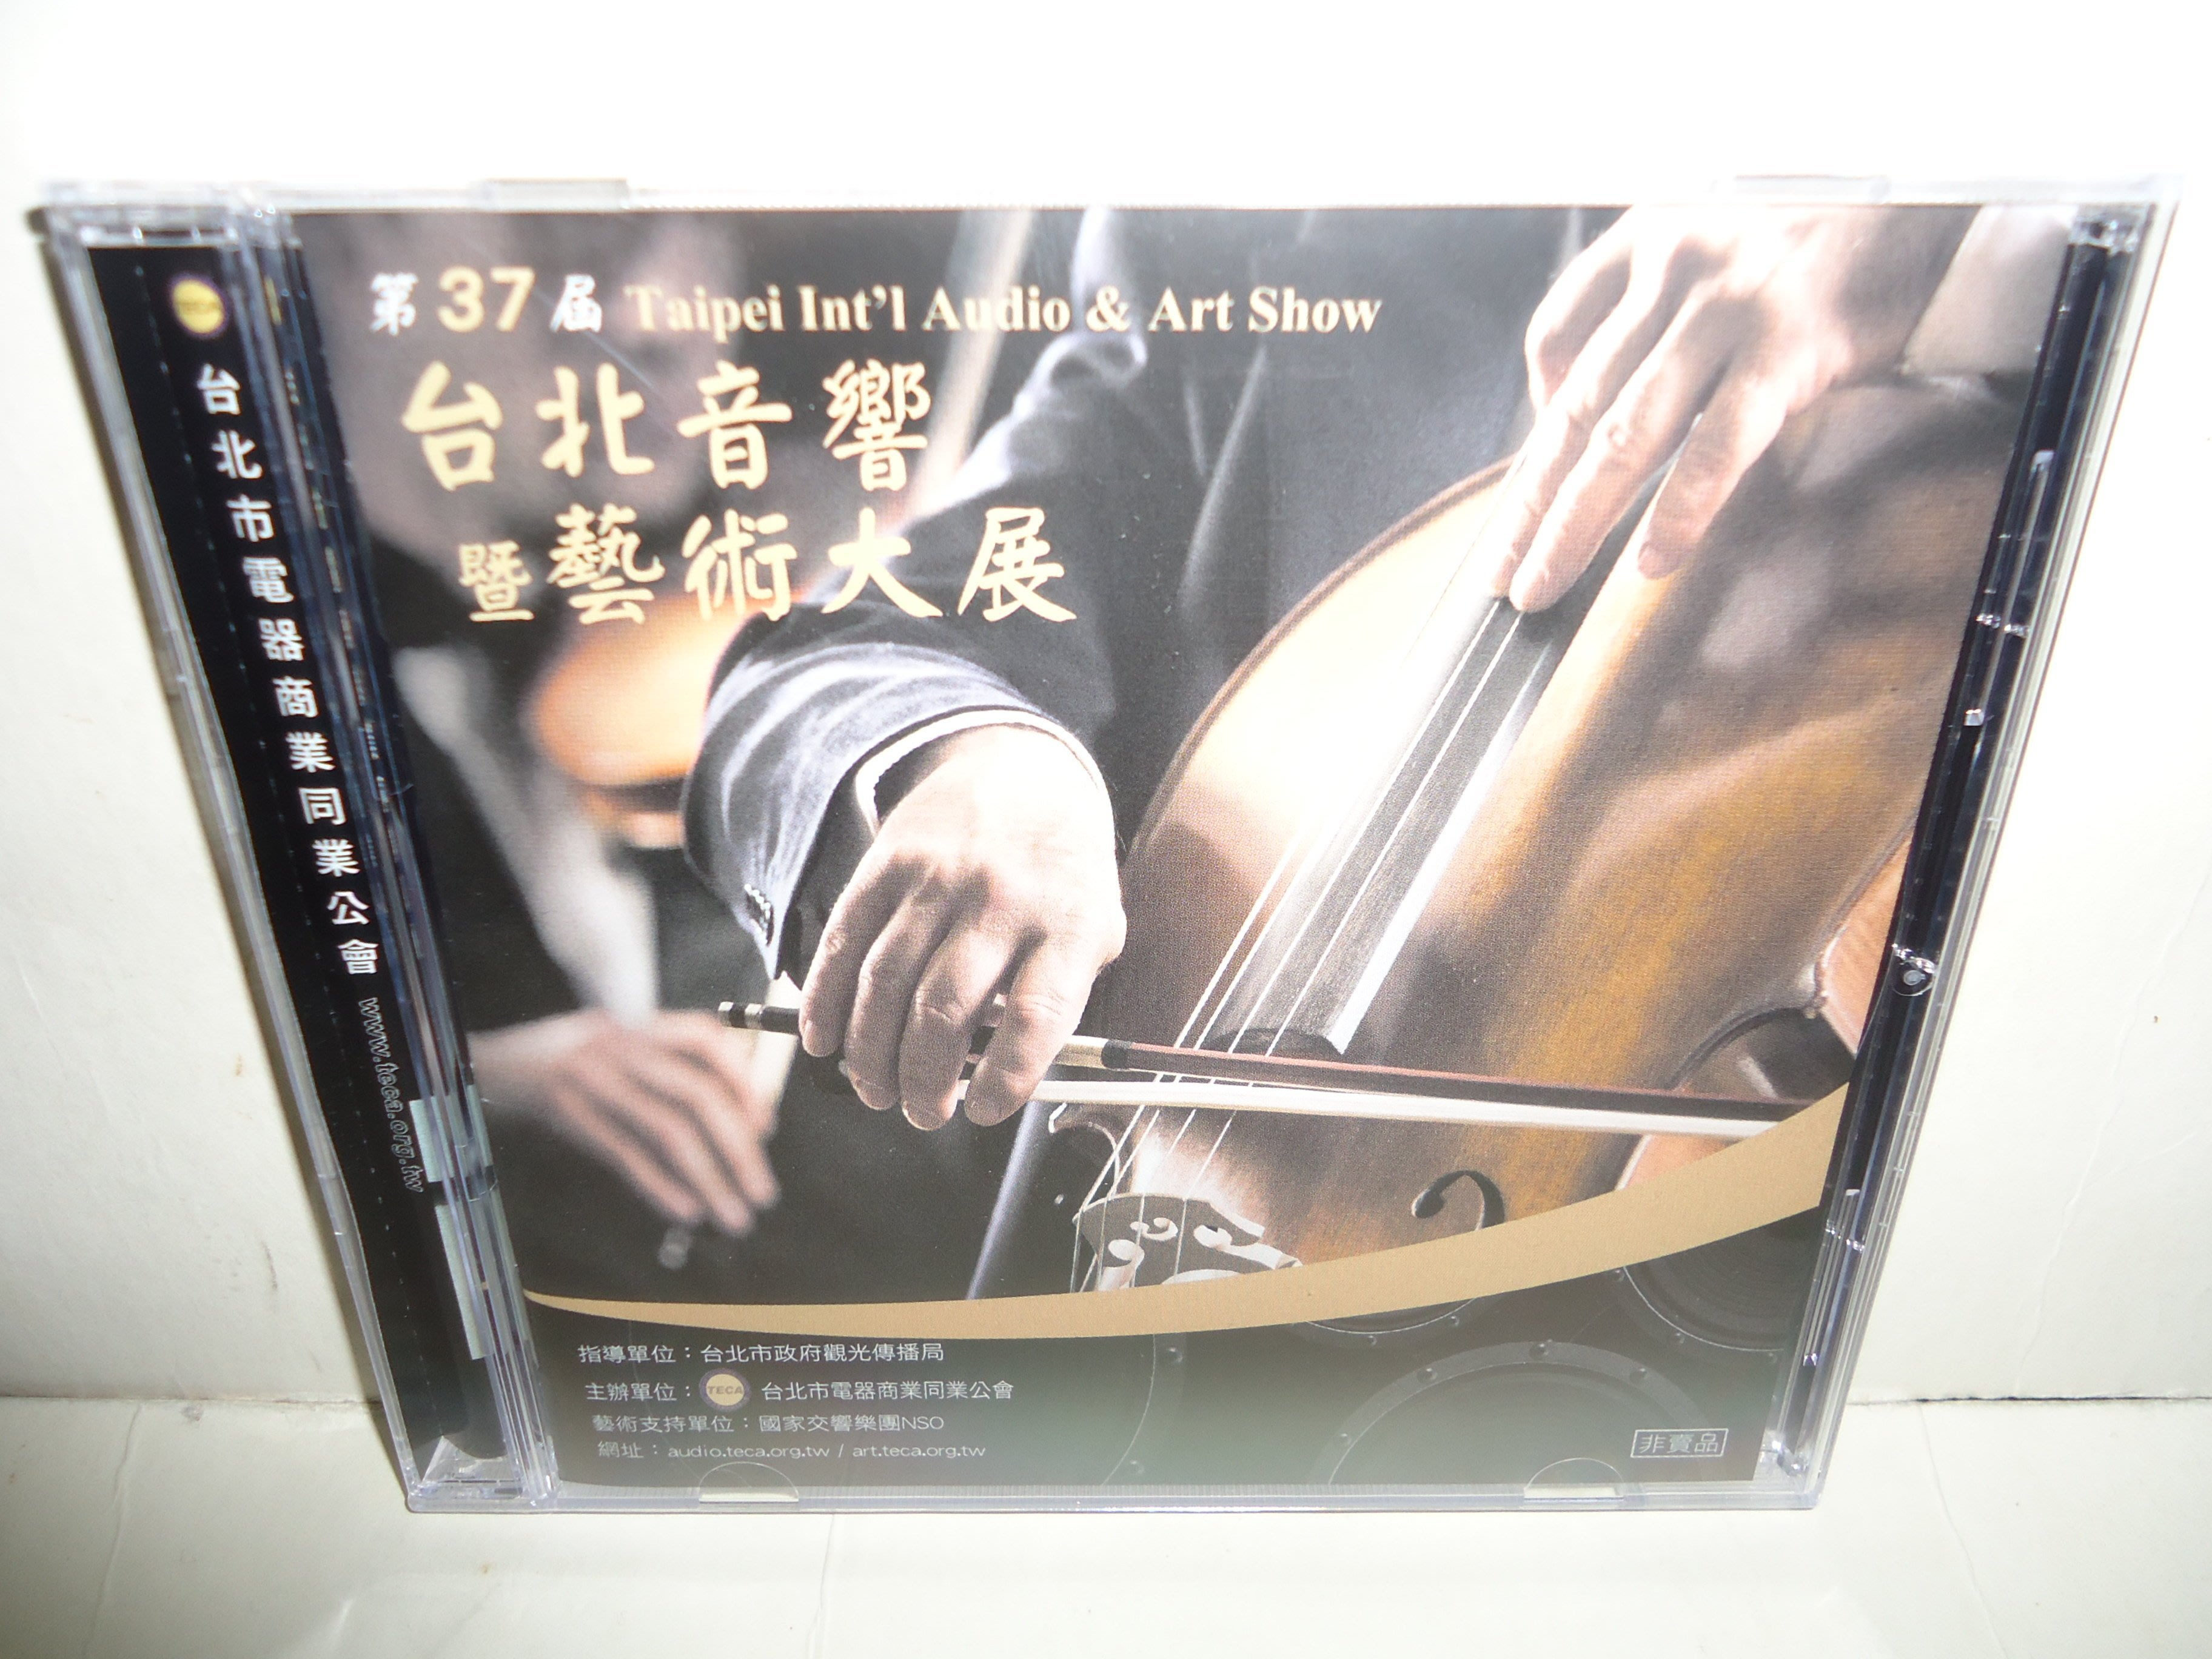 《龍格音響》第37屆(2016)台北音響暨藝術大展紀念CD,特價出售,極具收藏價值!!